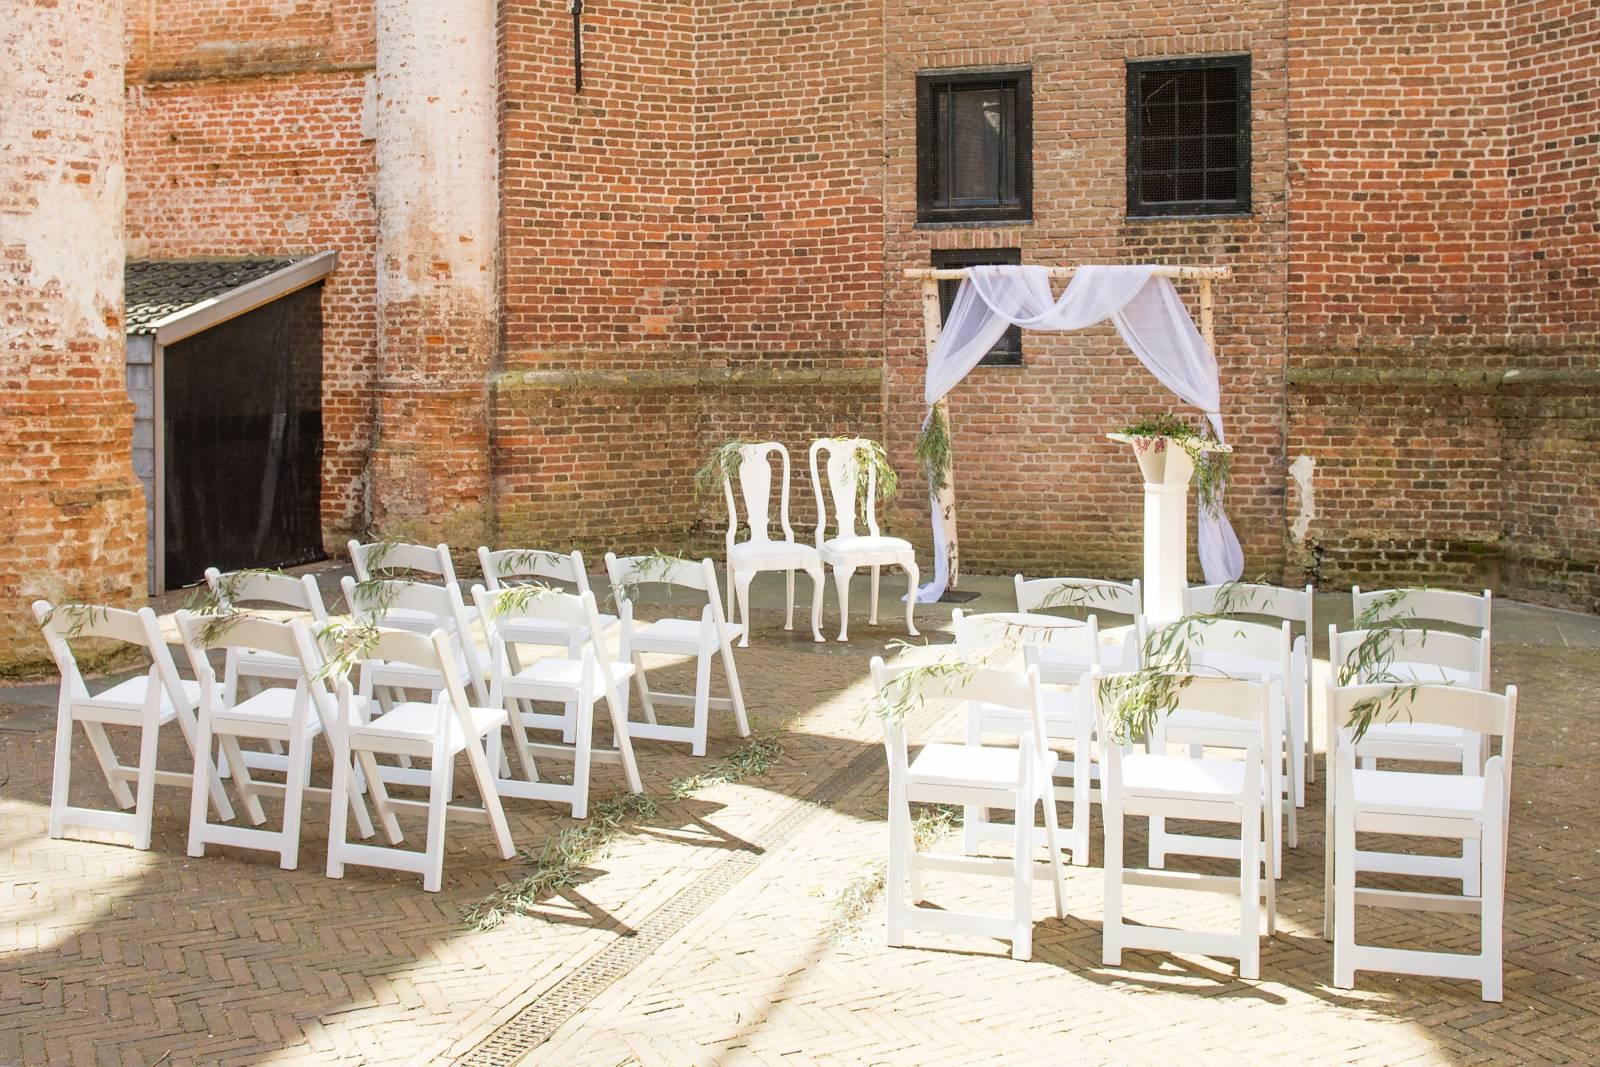 In Style Styling & Decoraties - Trouwdecoratie - Verhuurbedrijf - Wedding Design - House of Weddings - 8